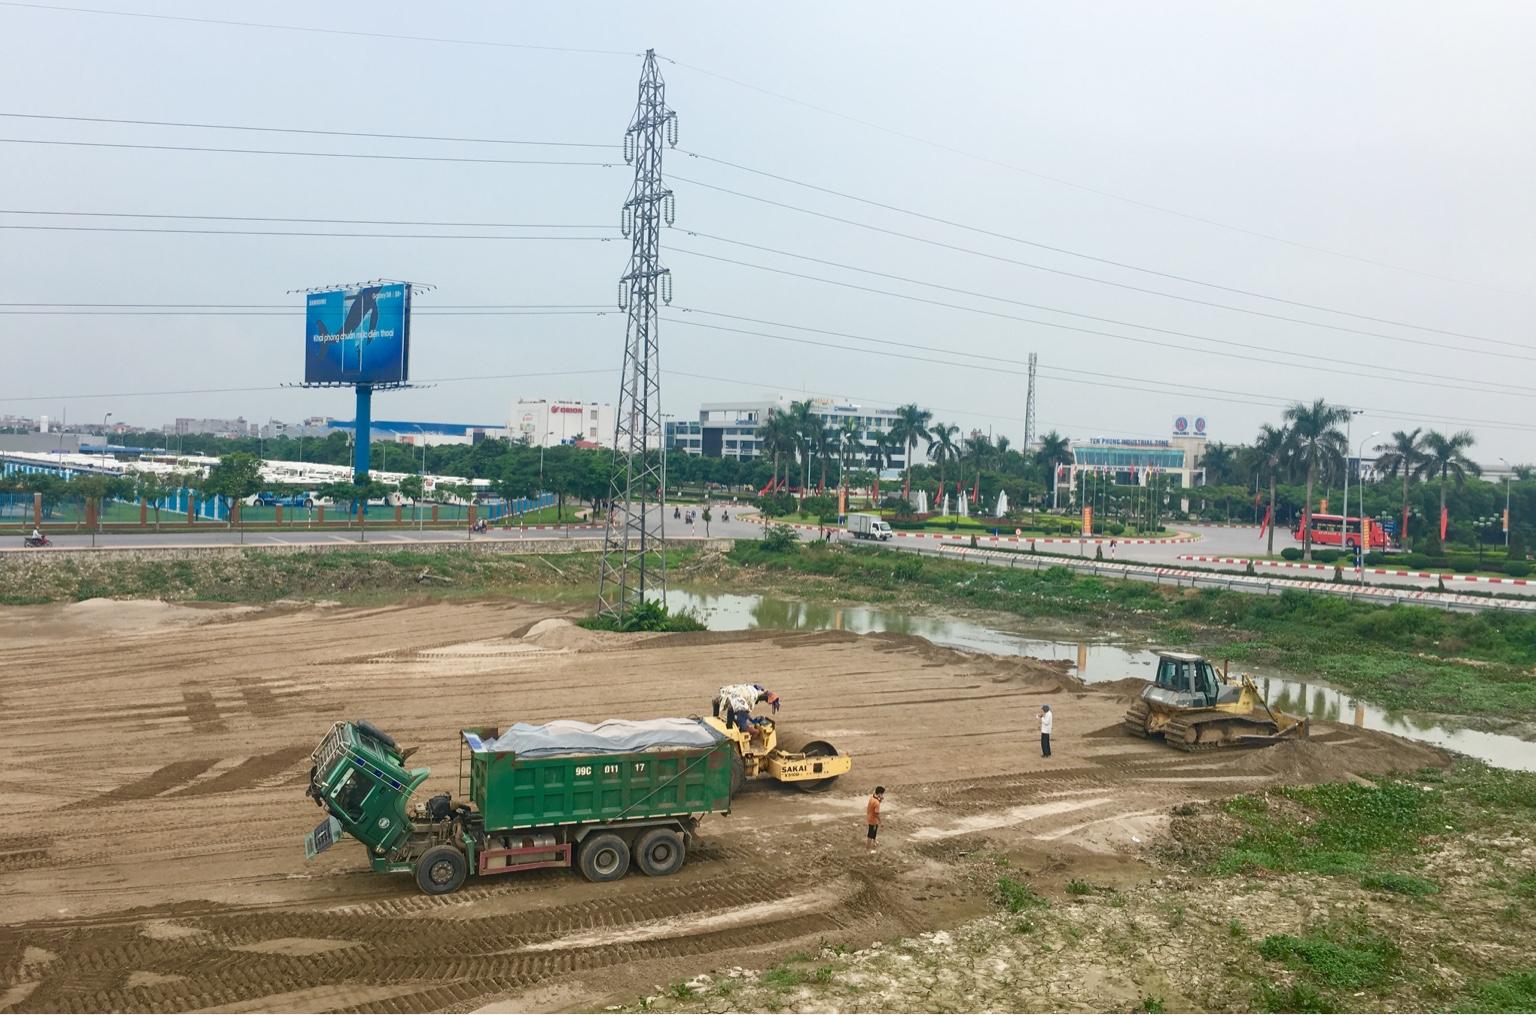 Bán 5000m2 đất làm xưởng tại Quế Võ, Bắc Ninh giá hợp lý